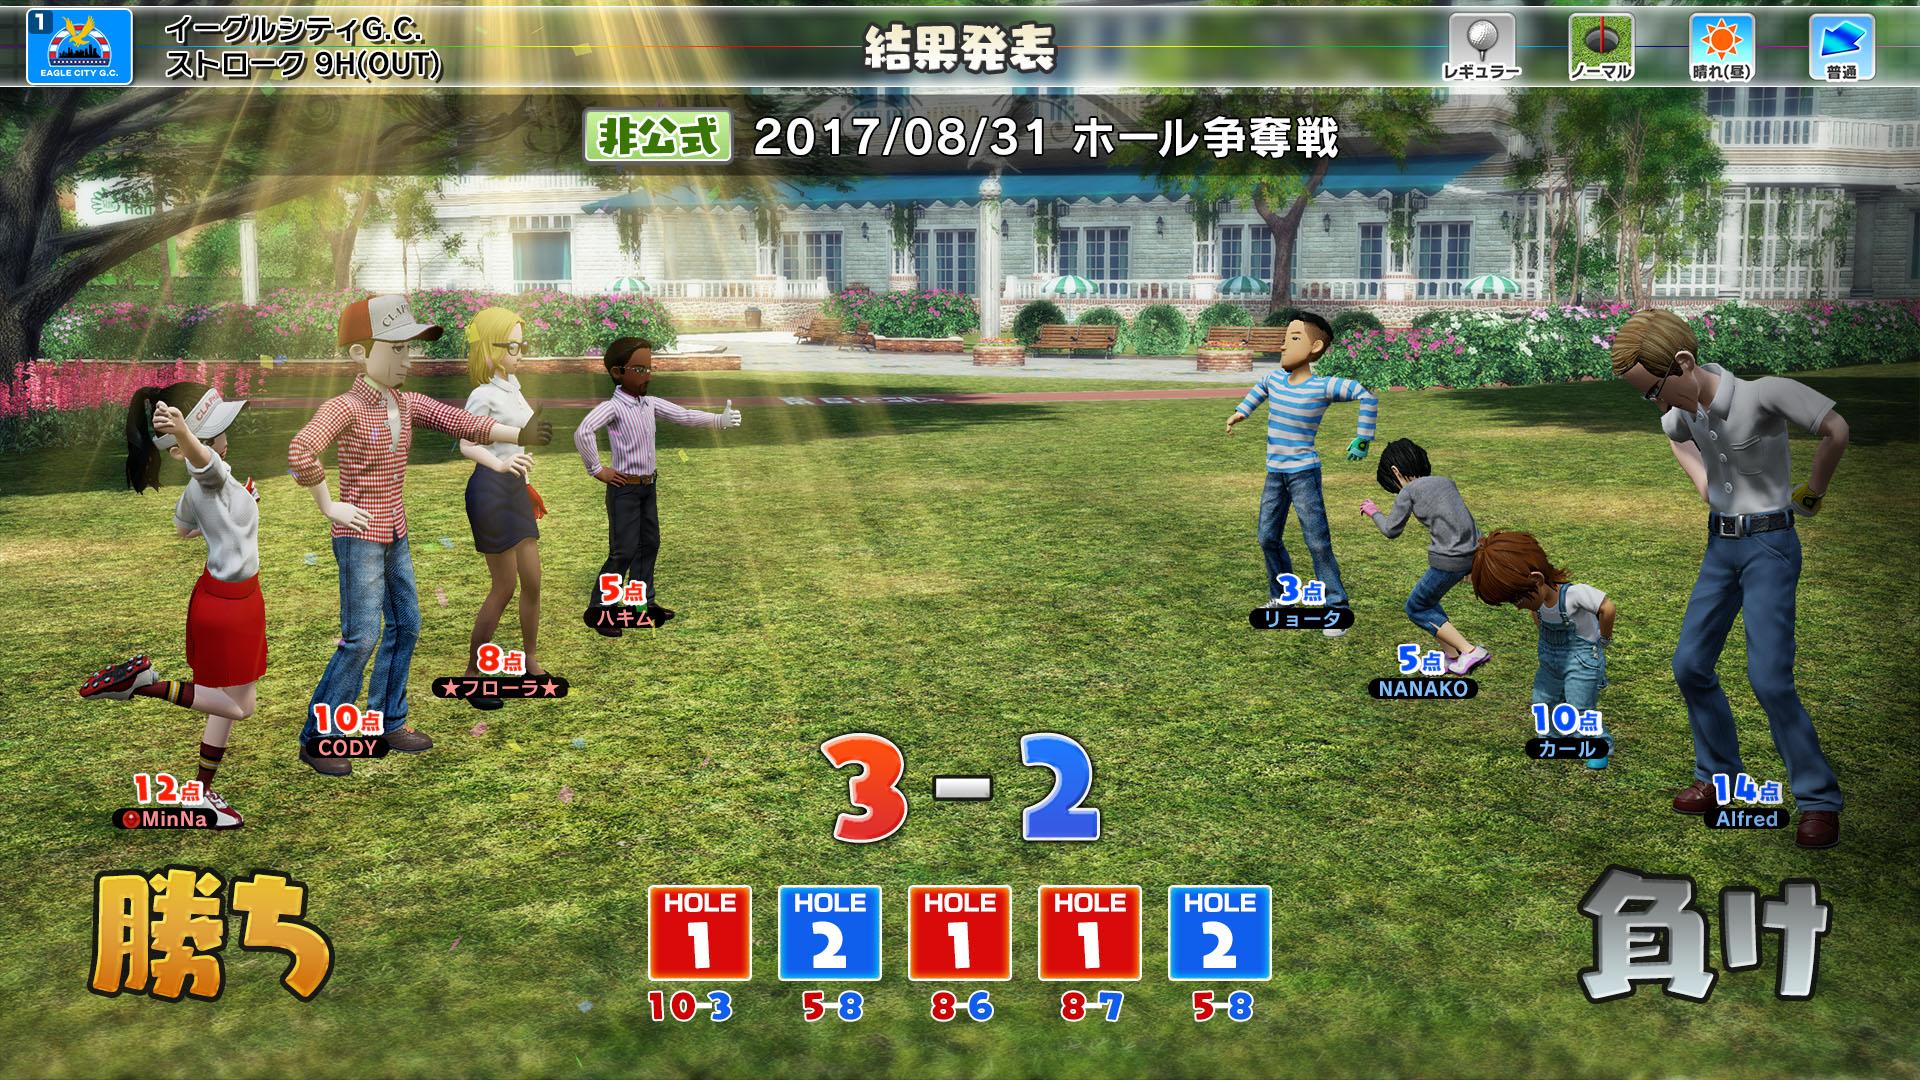 zFxiM8sG4yF4w - PS4『New みんなのGOLF』が海外で大好評 キャラクターを日本人にしか受けない気持ち悪い造形から脱却できた事も勝因とのこと